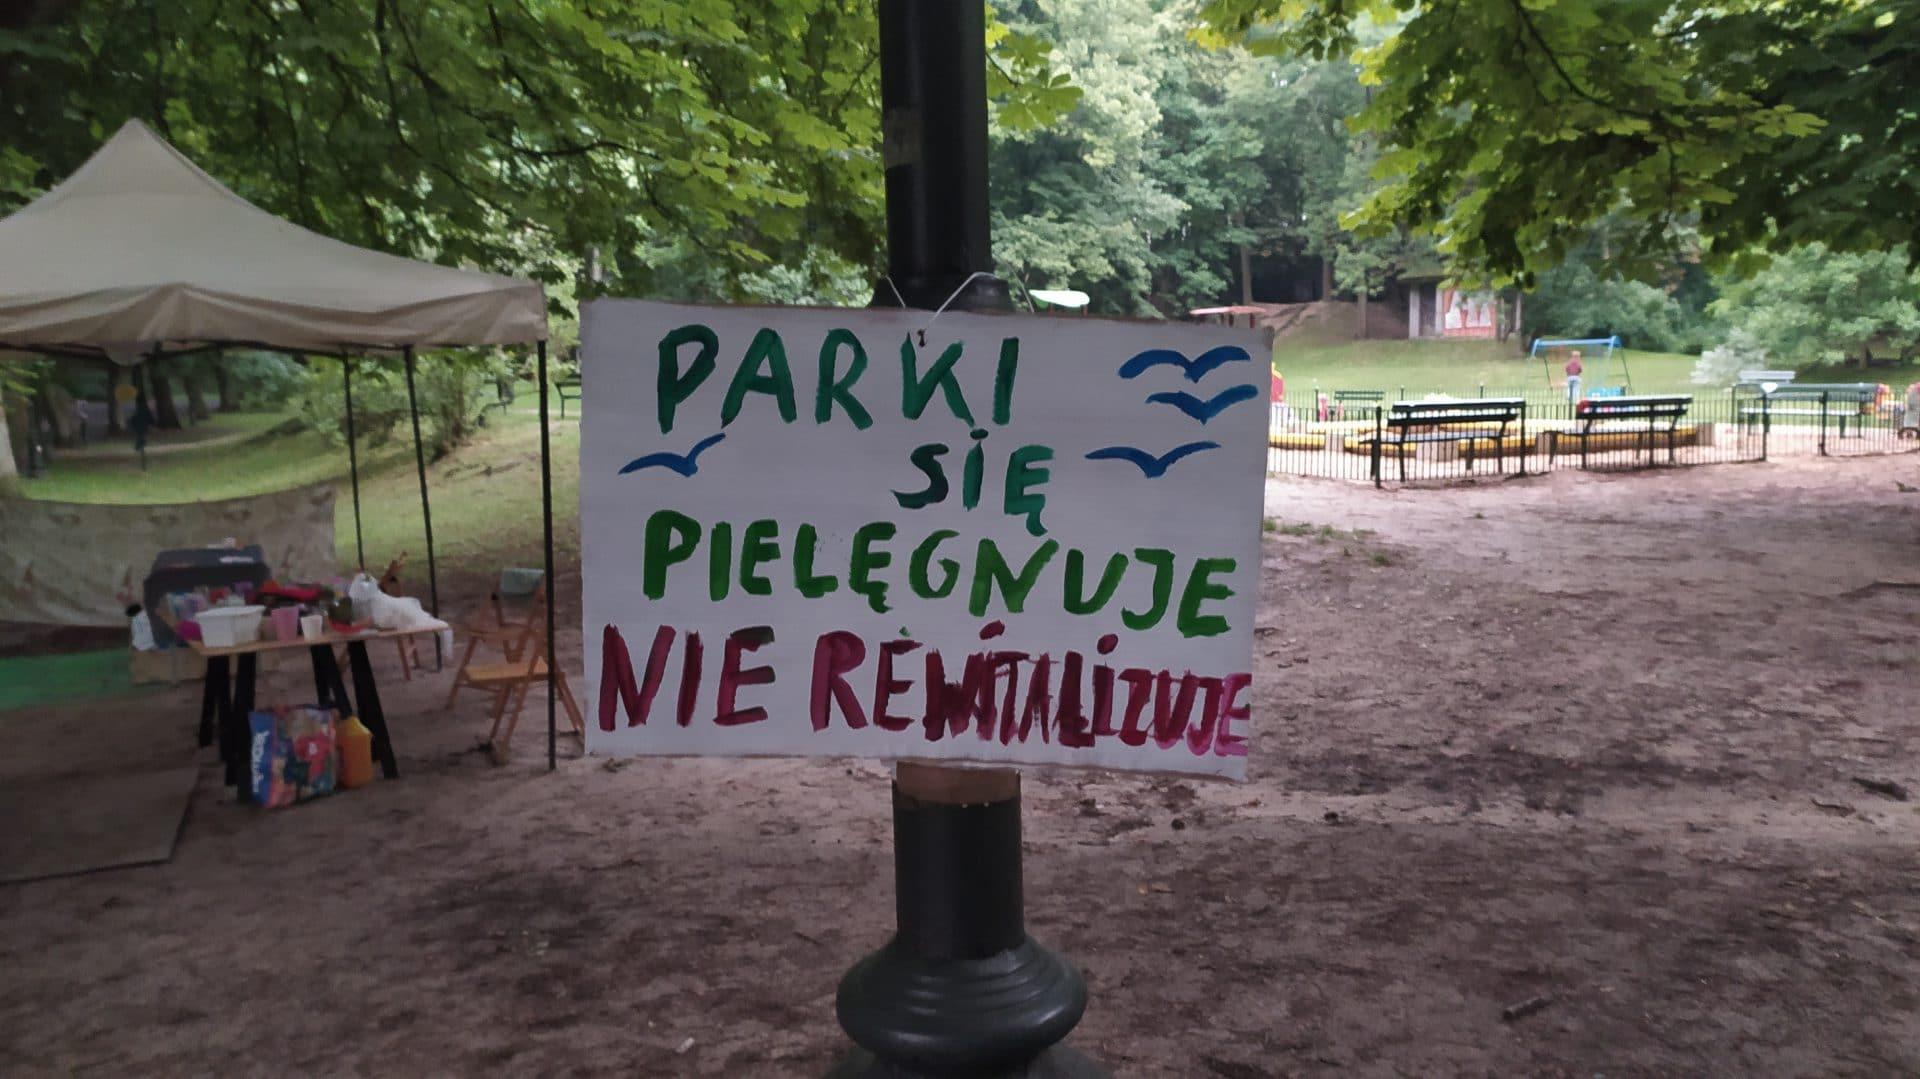 Parki się pielęgnuje nie rewitalizuje